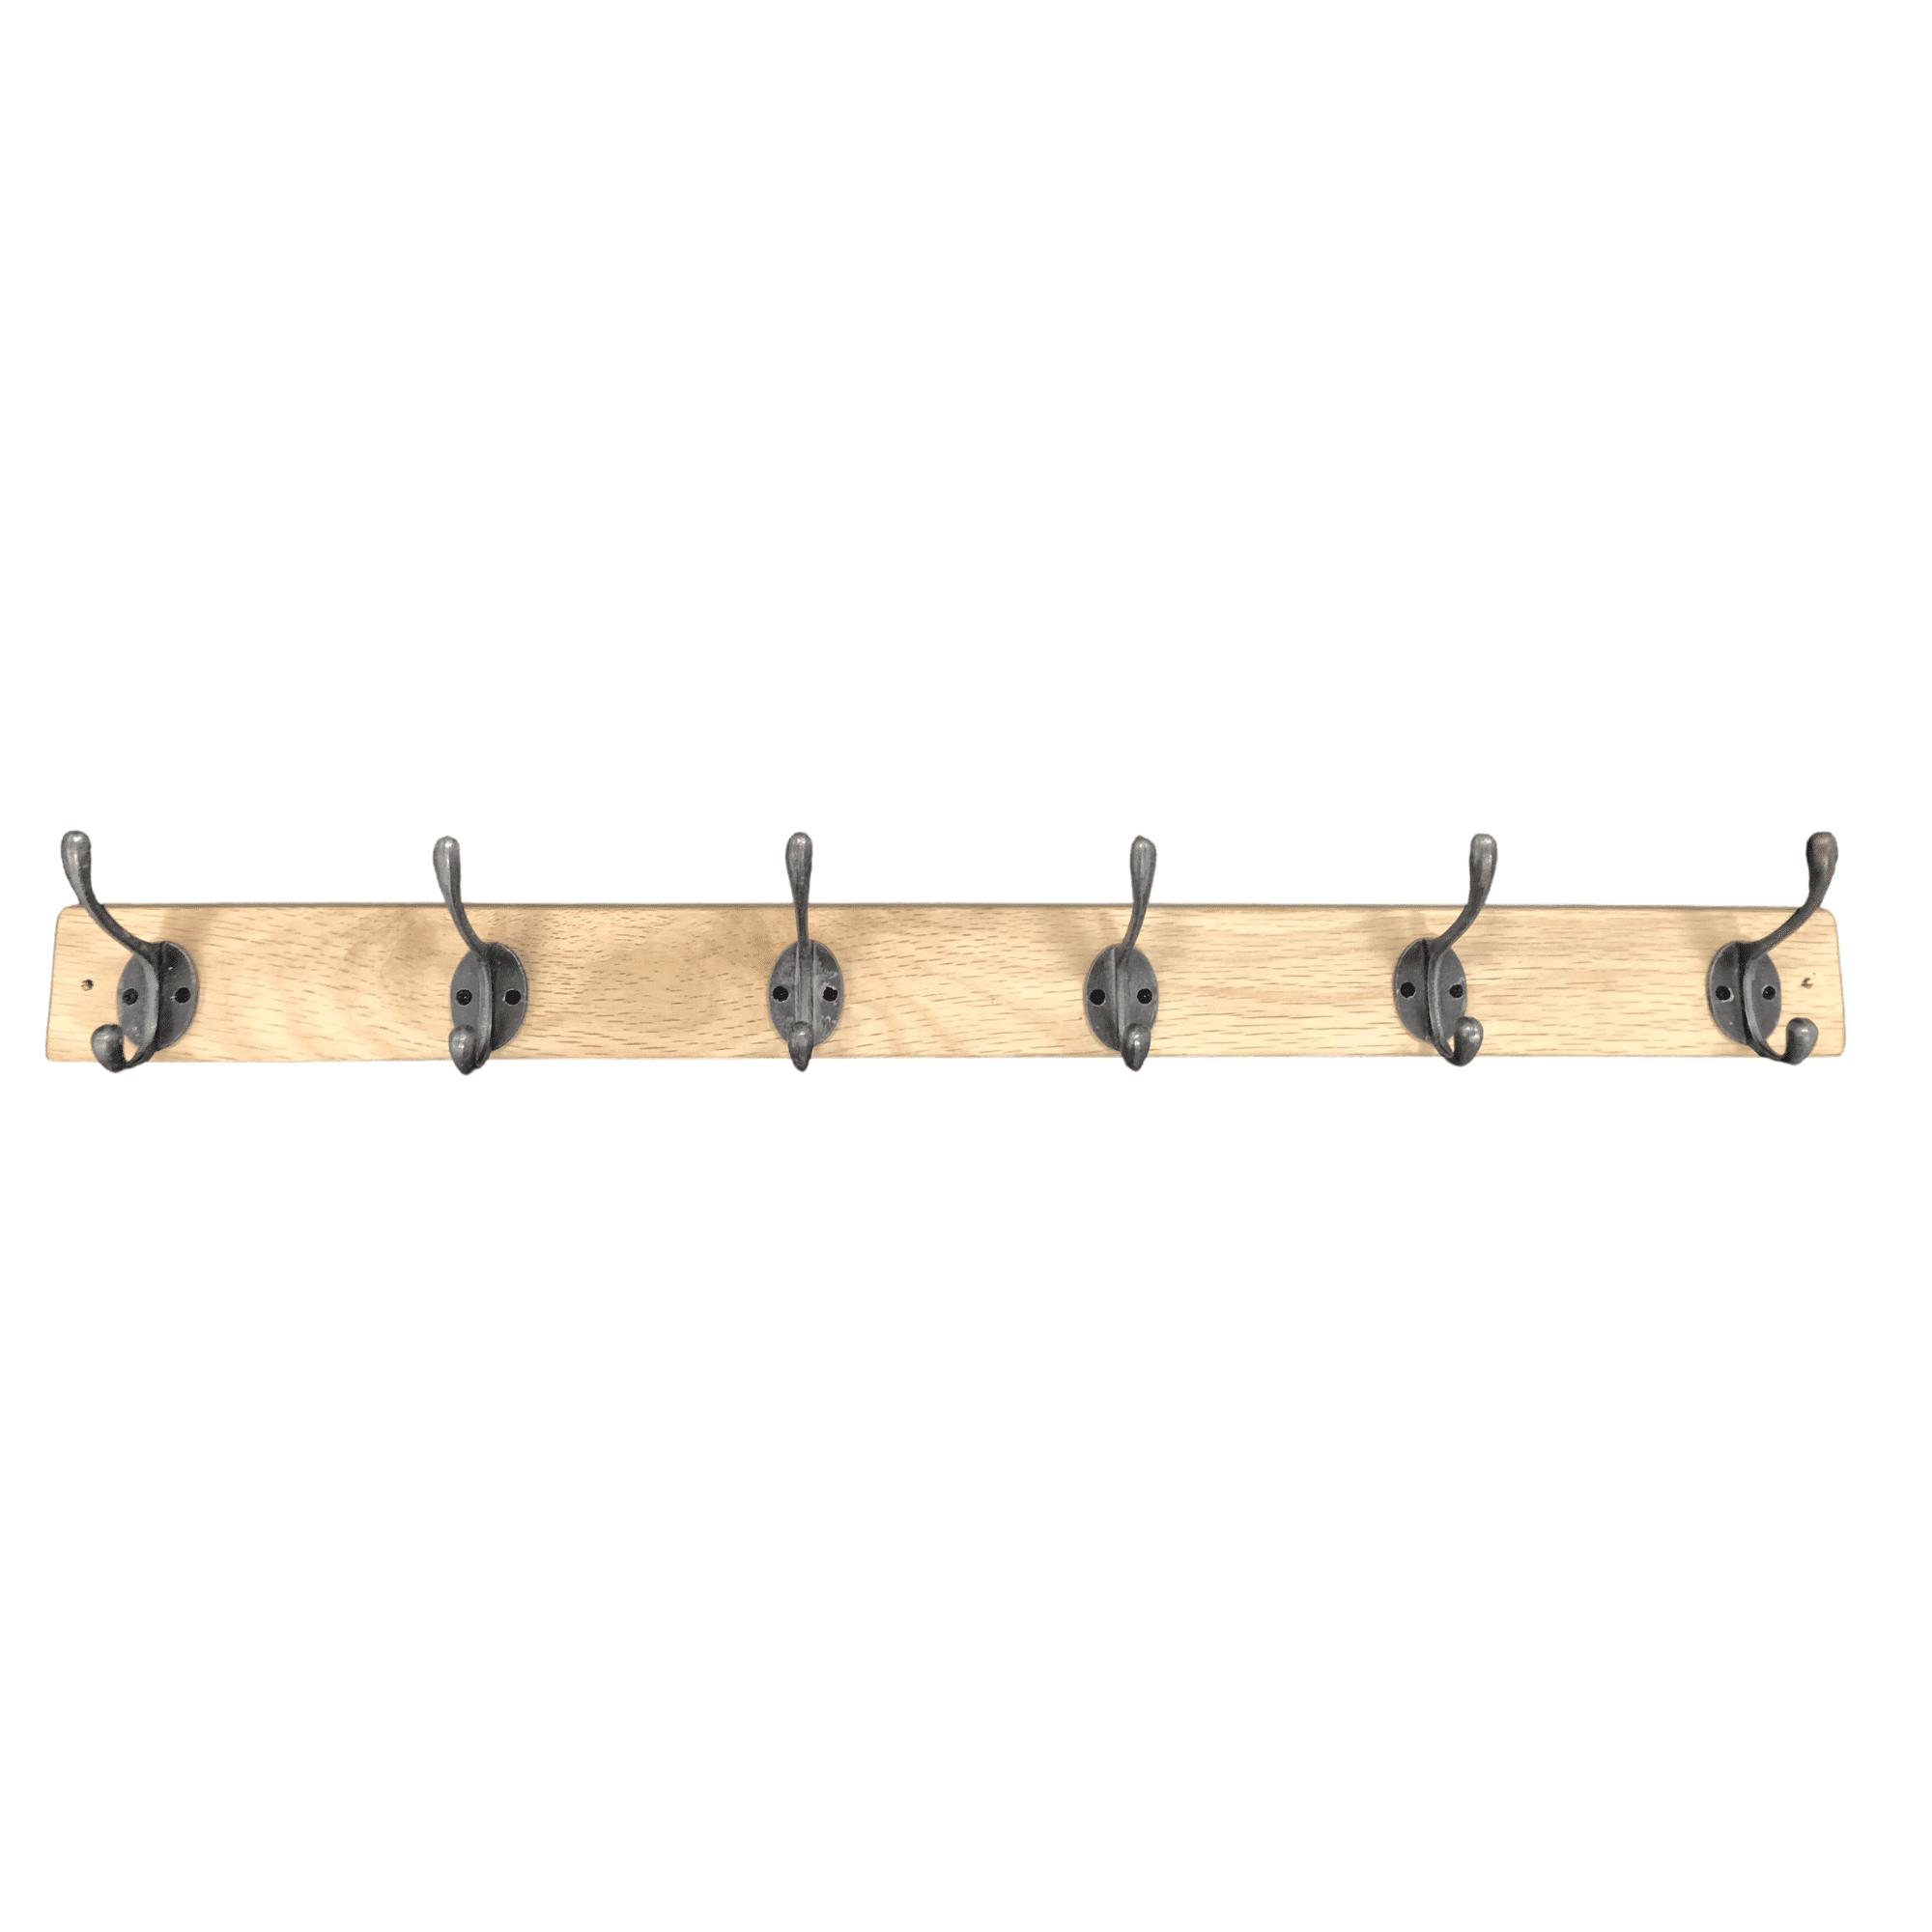 Oak coat rack with black hooks without background